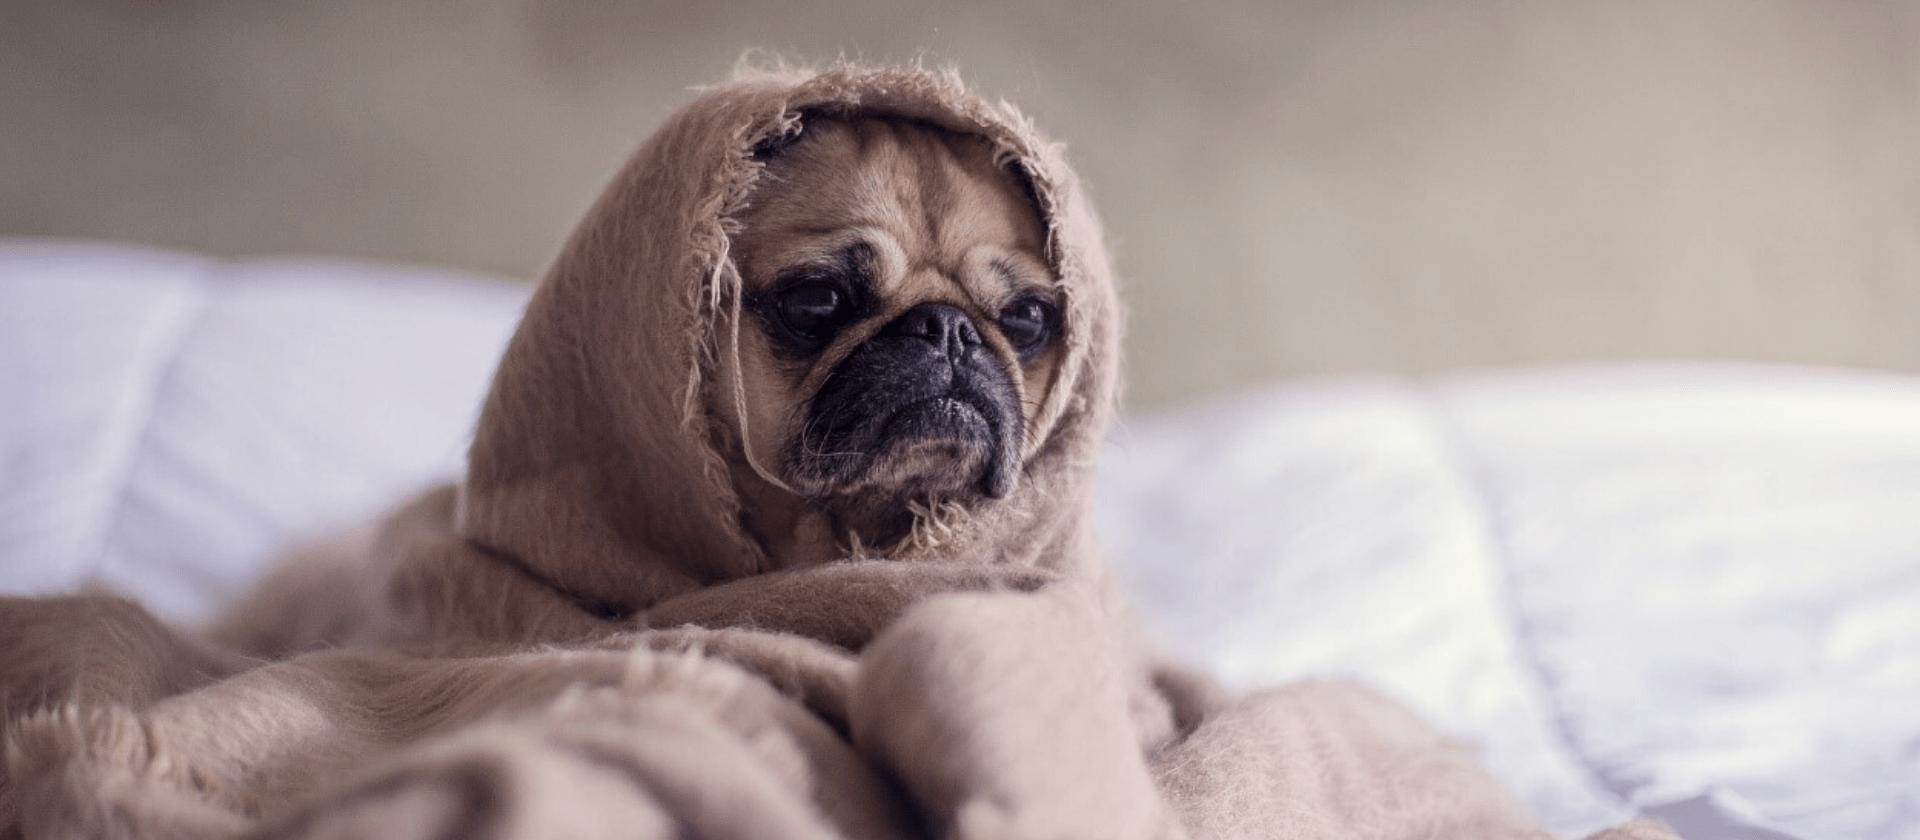 Los perros también se resfrían, aprende a prevenirlo